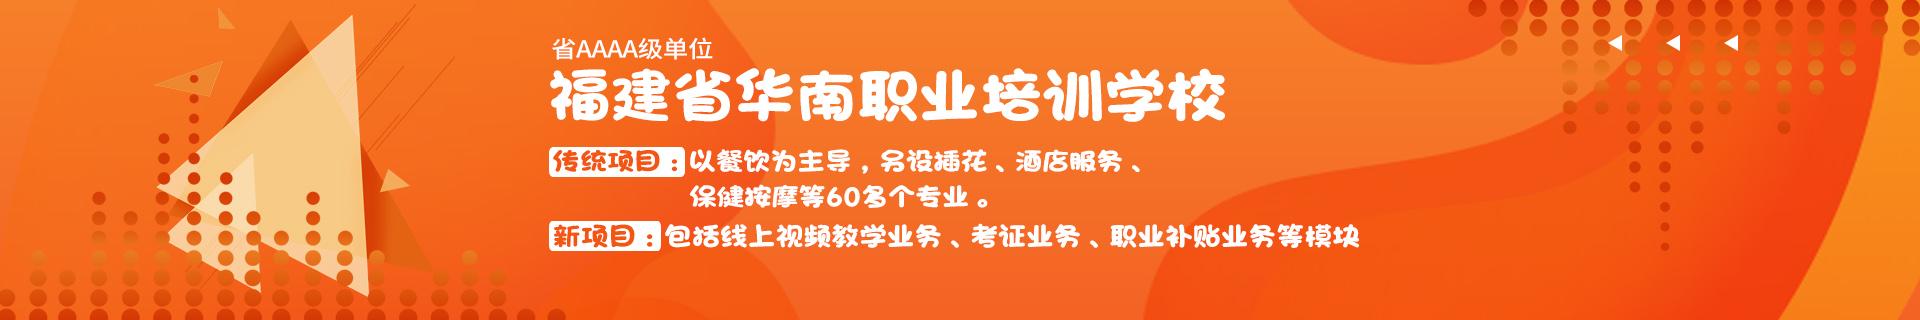 福州台江区华南职业技术学校